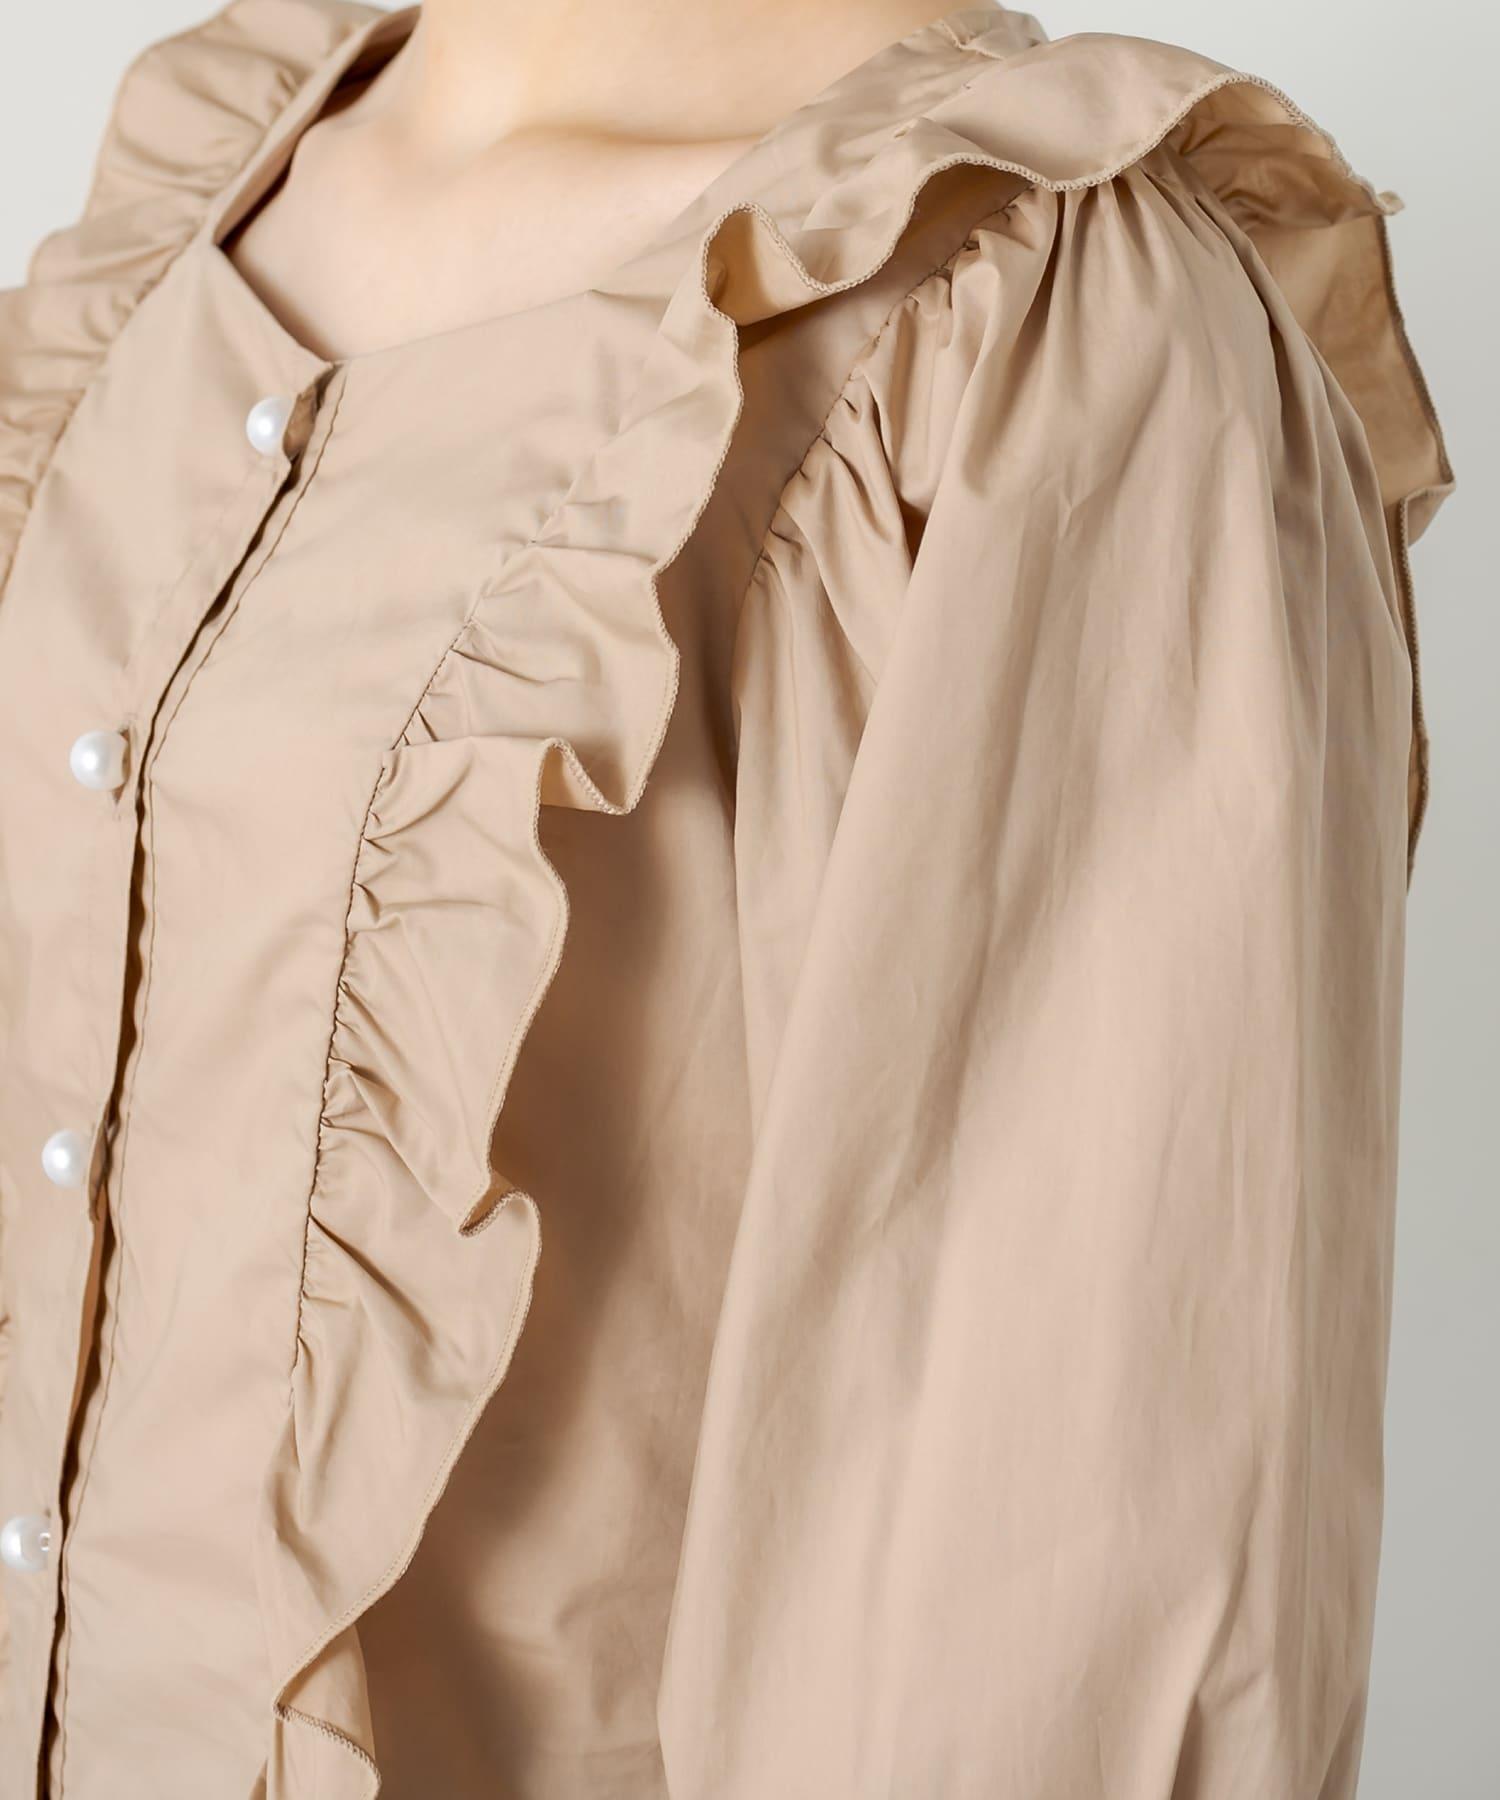 OLIVE des OLIVE(オリーブ デ オリーブ) 天使の7分袖ブラウス